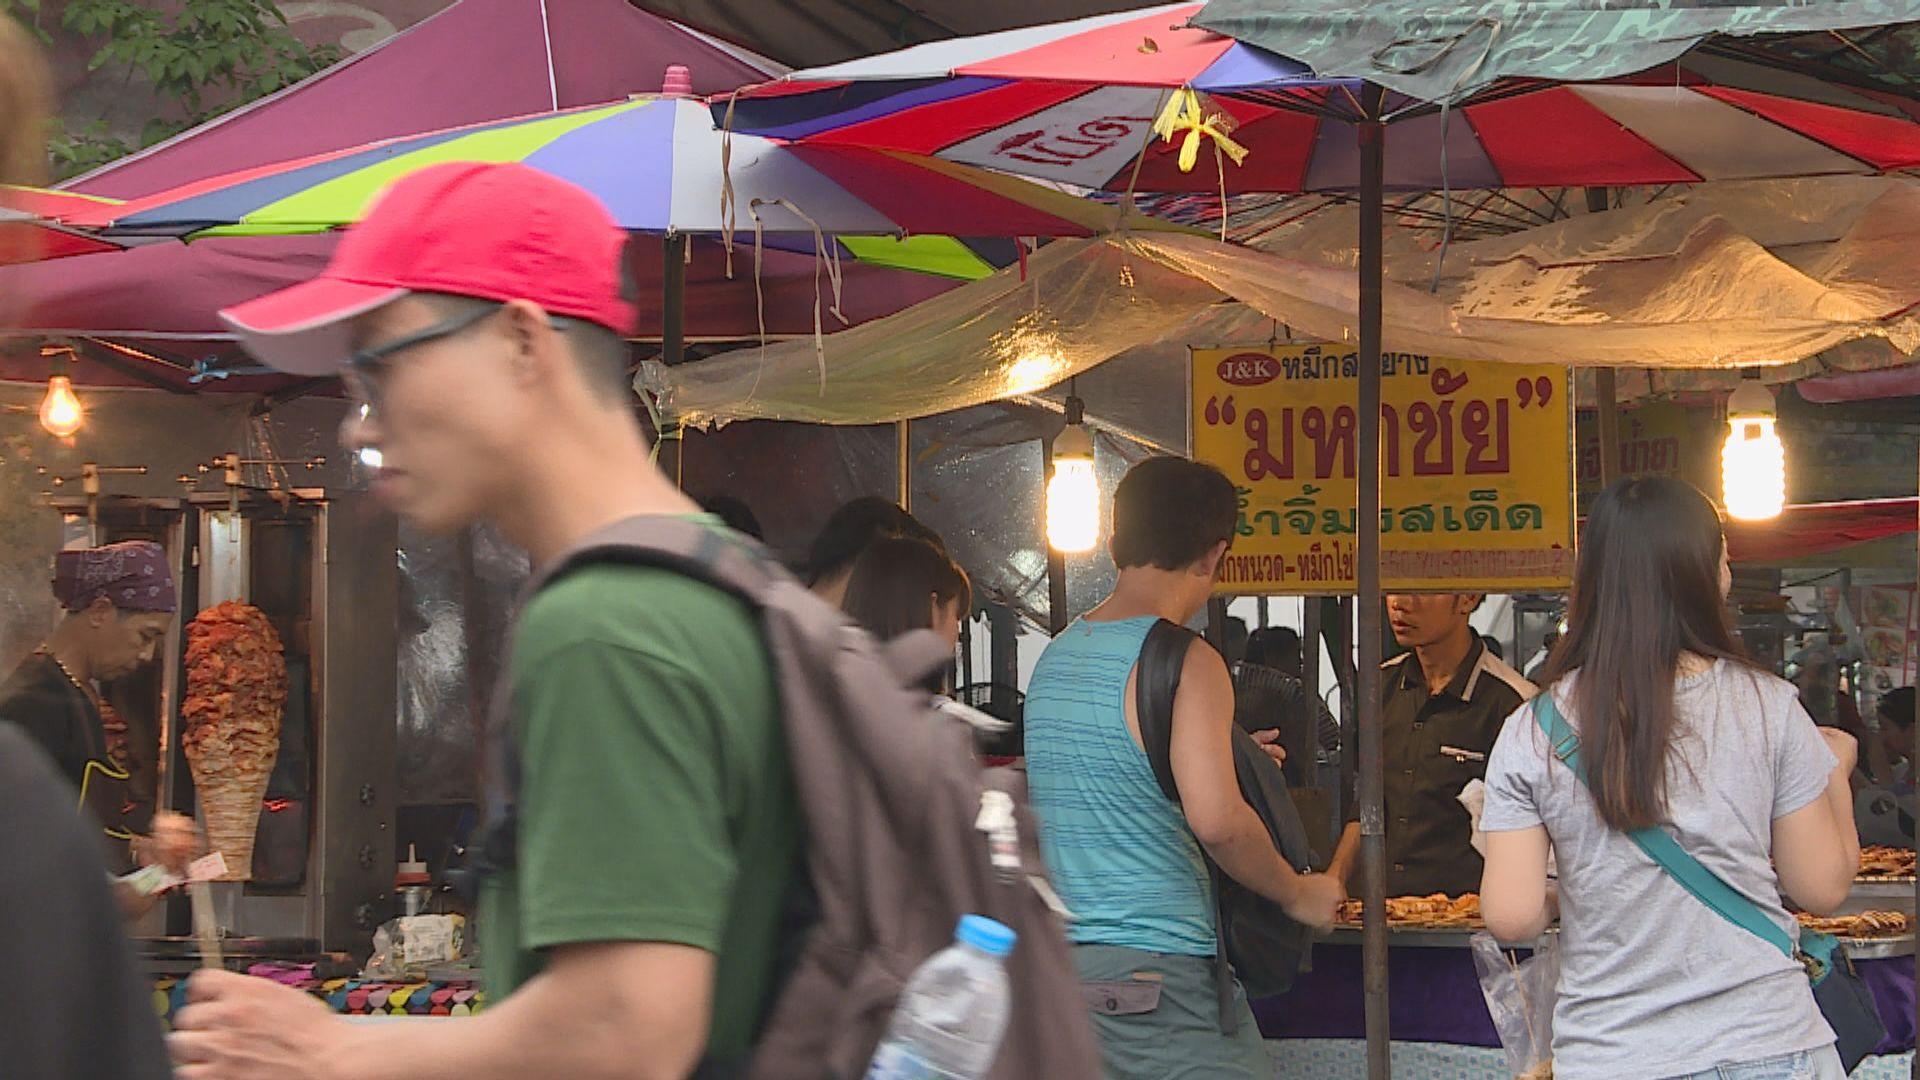 泰國首次有本地人染新型病毒肺炎 患者曾到武漢